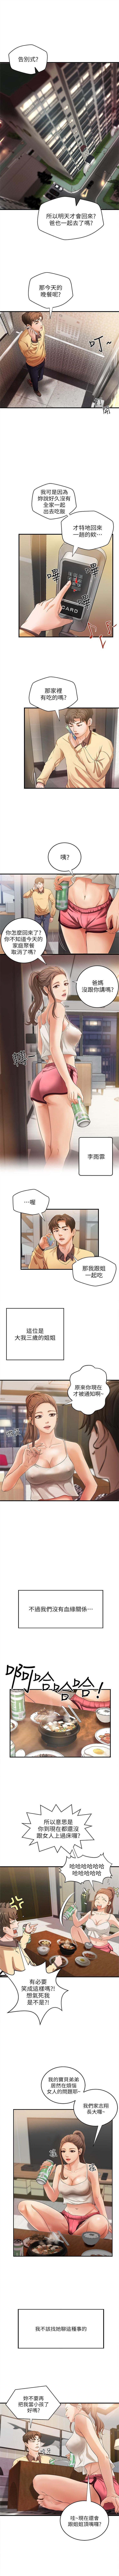 御姐的實戰教學 1-27 官方中文(連載中) 7